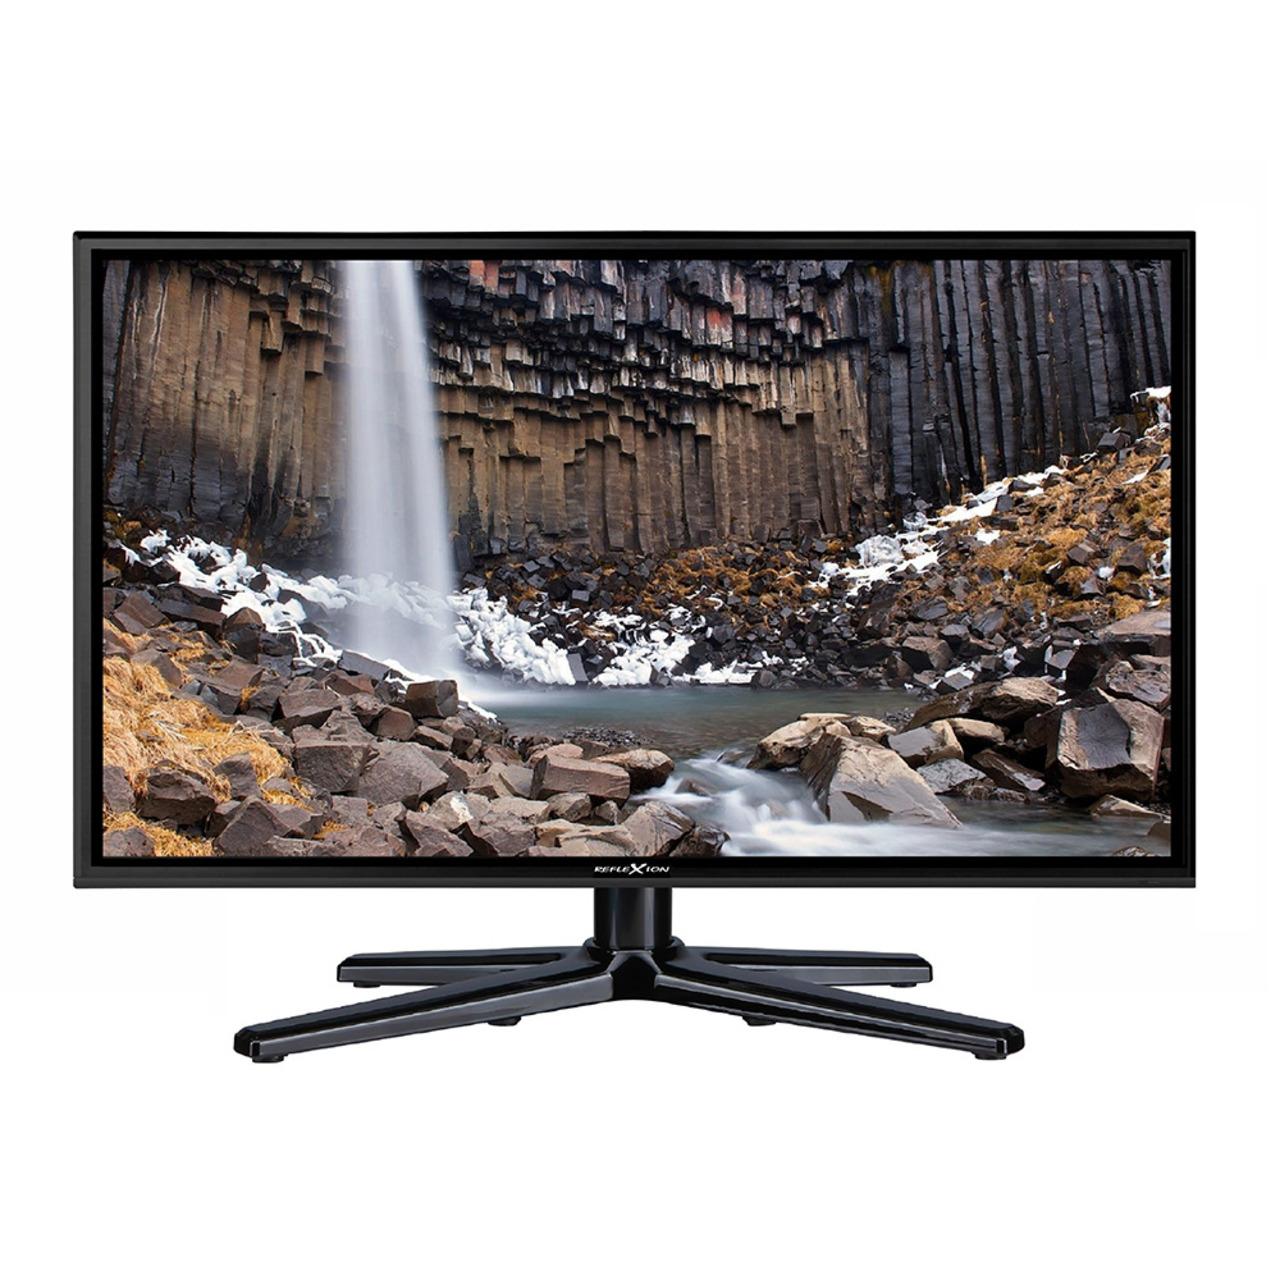 Reflexion 4-in-1-LED-TV LEDW24- 60 cm (23-6)- DVB-S/S2/C/T/T2- H.265/HEVC- 1080p- 12-V-Anschluss